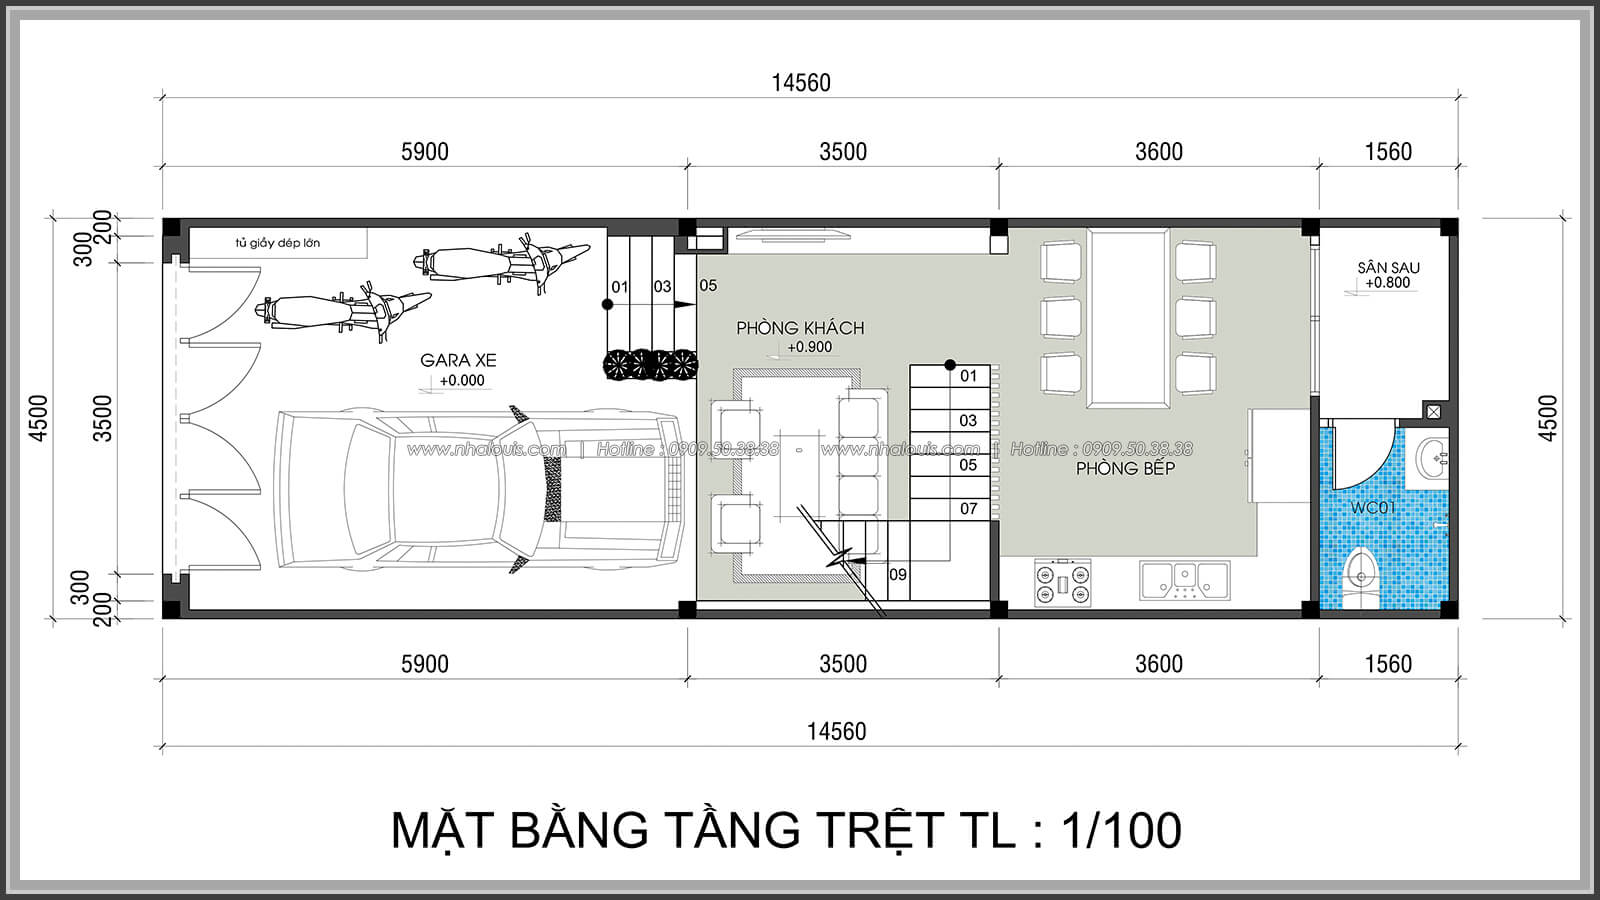 Mặt bằng thiết kế nhà lệch tầng đẹp 4.5x14.5m hiện đại tại quận Tân Bình - 3